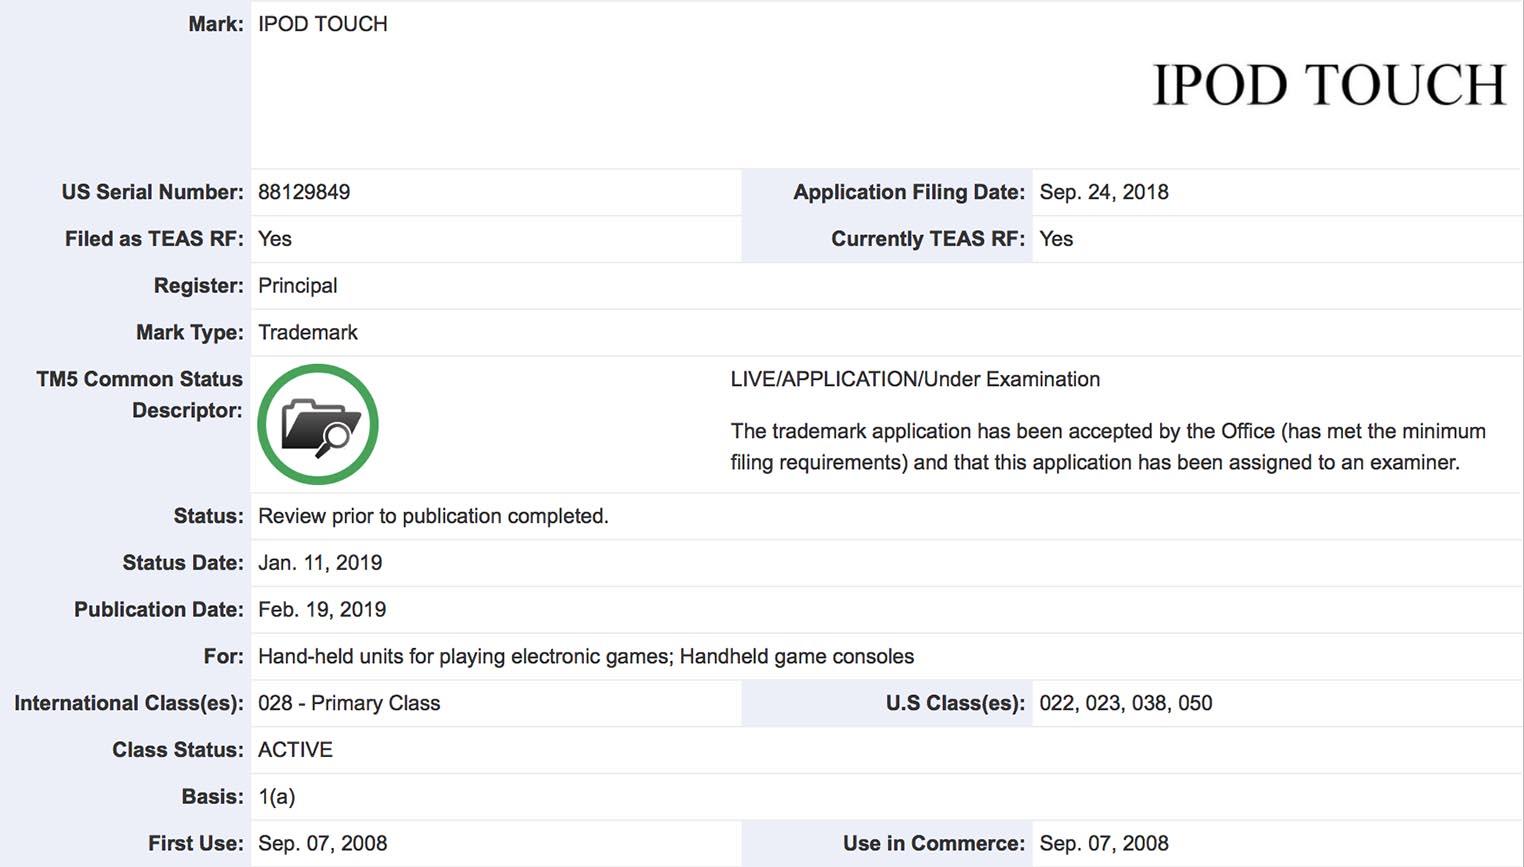 iPod touch marque console de jeux